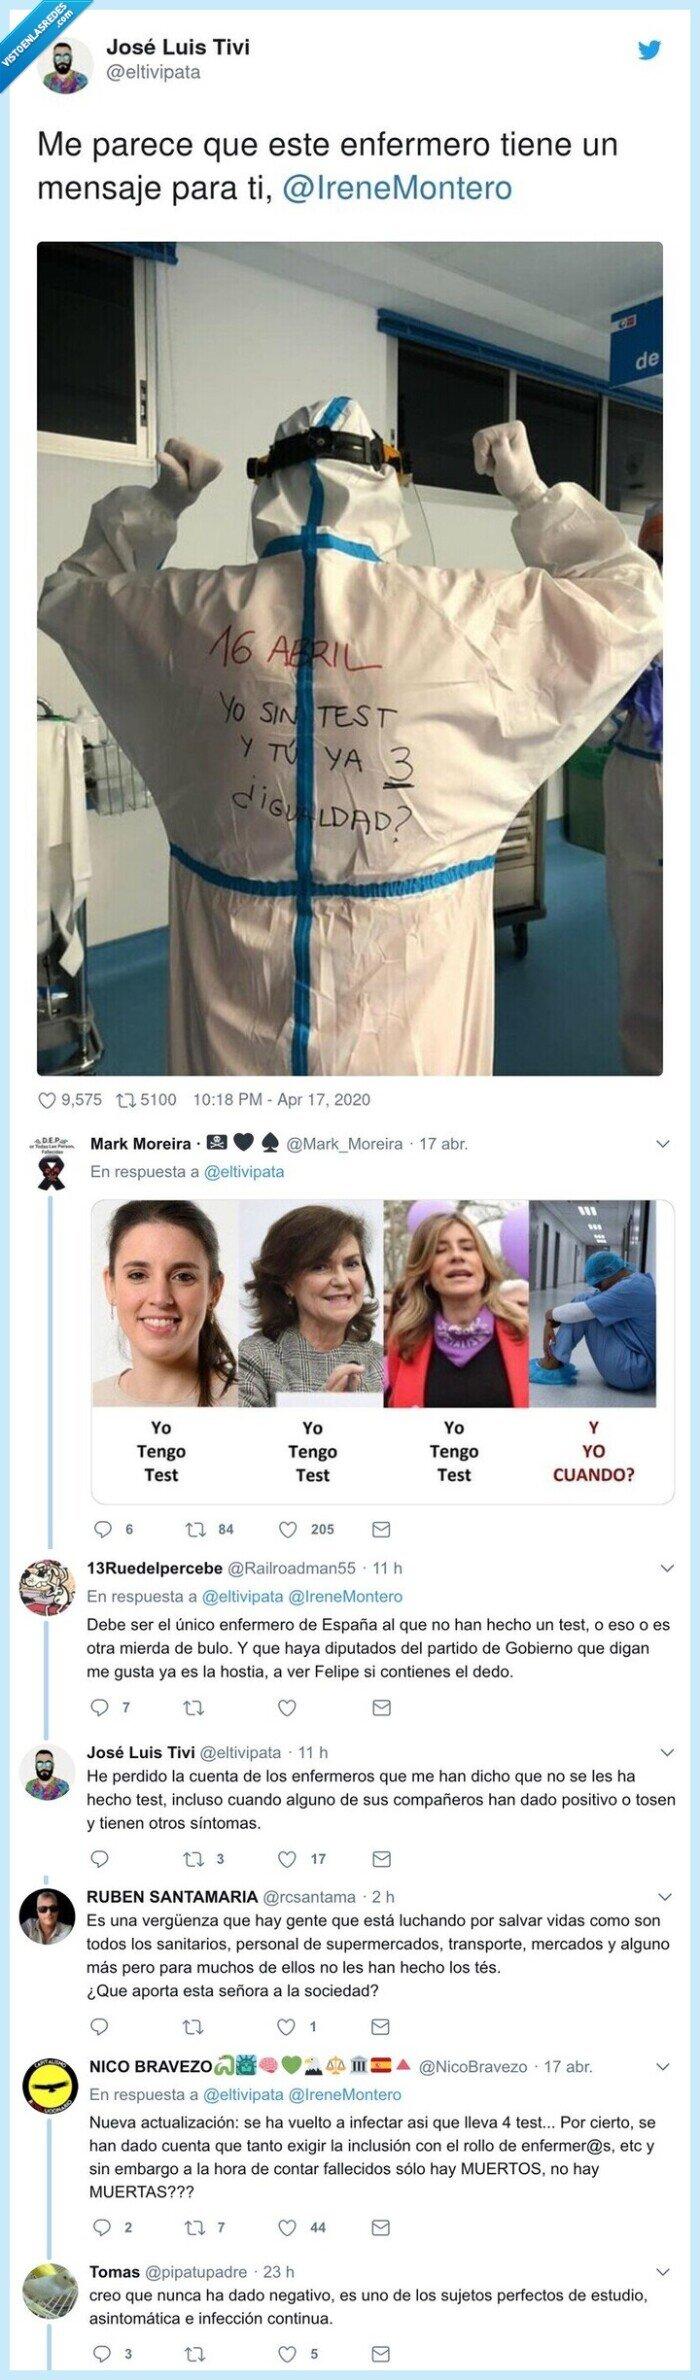 @irenemontero,coronavirus,enfermero,mensaje,parece